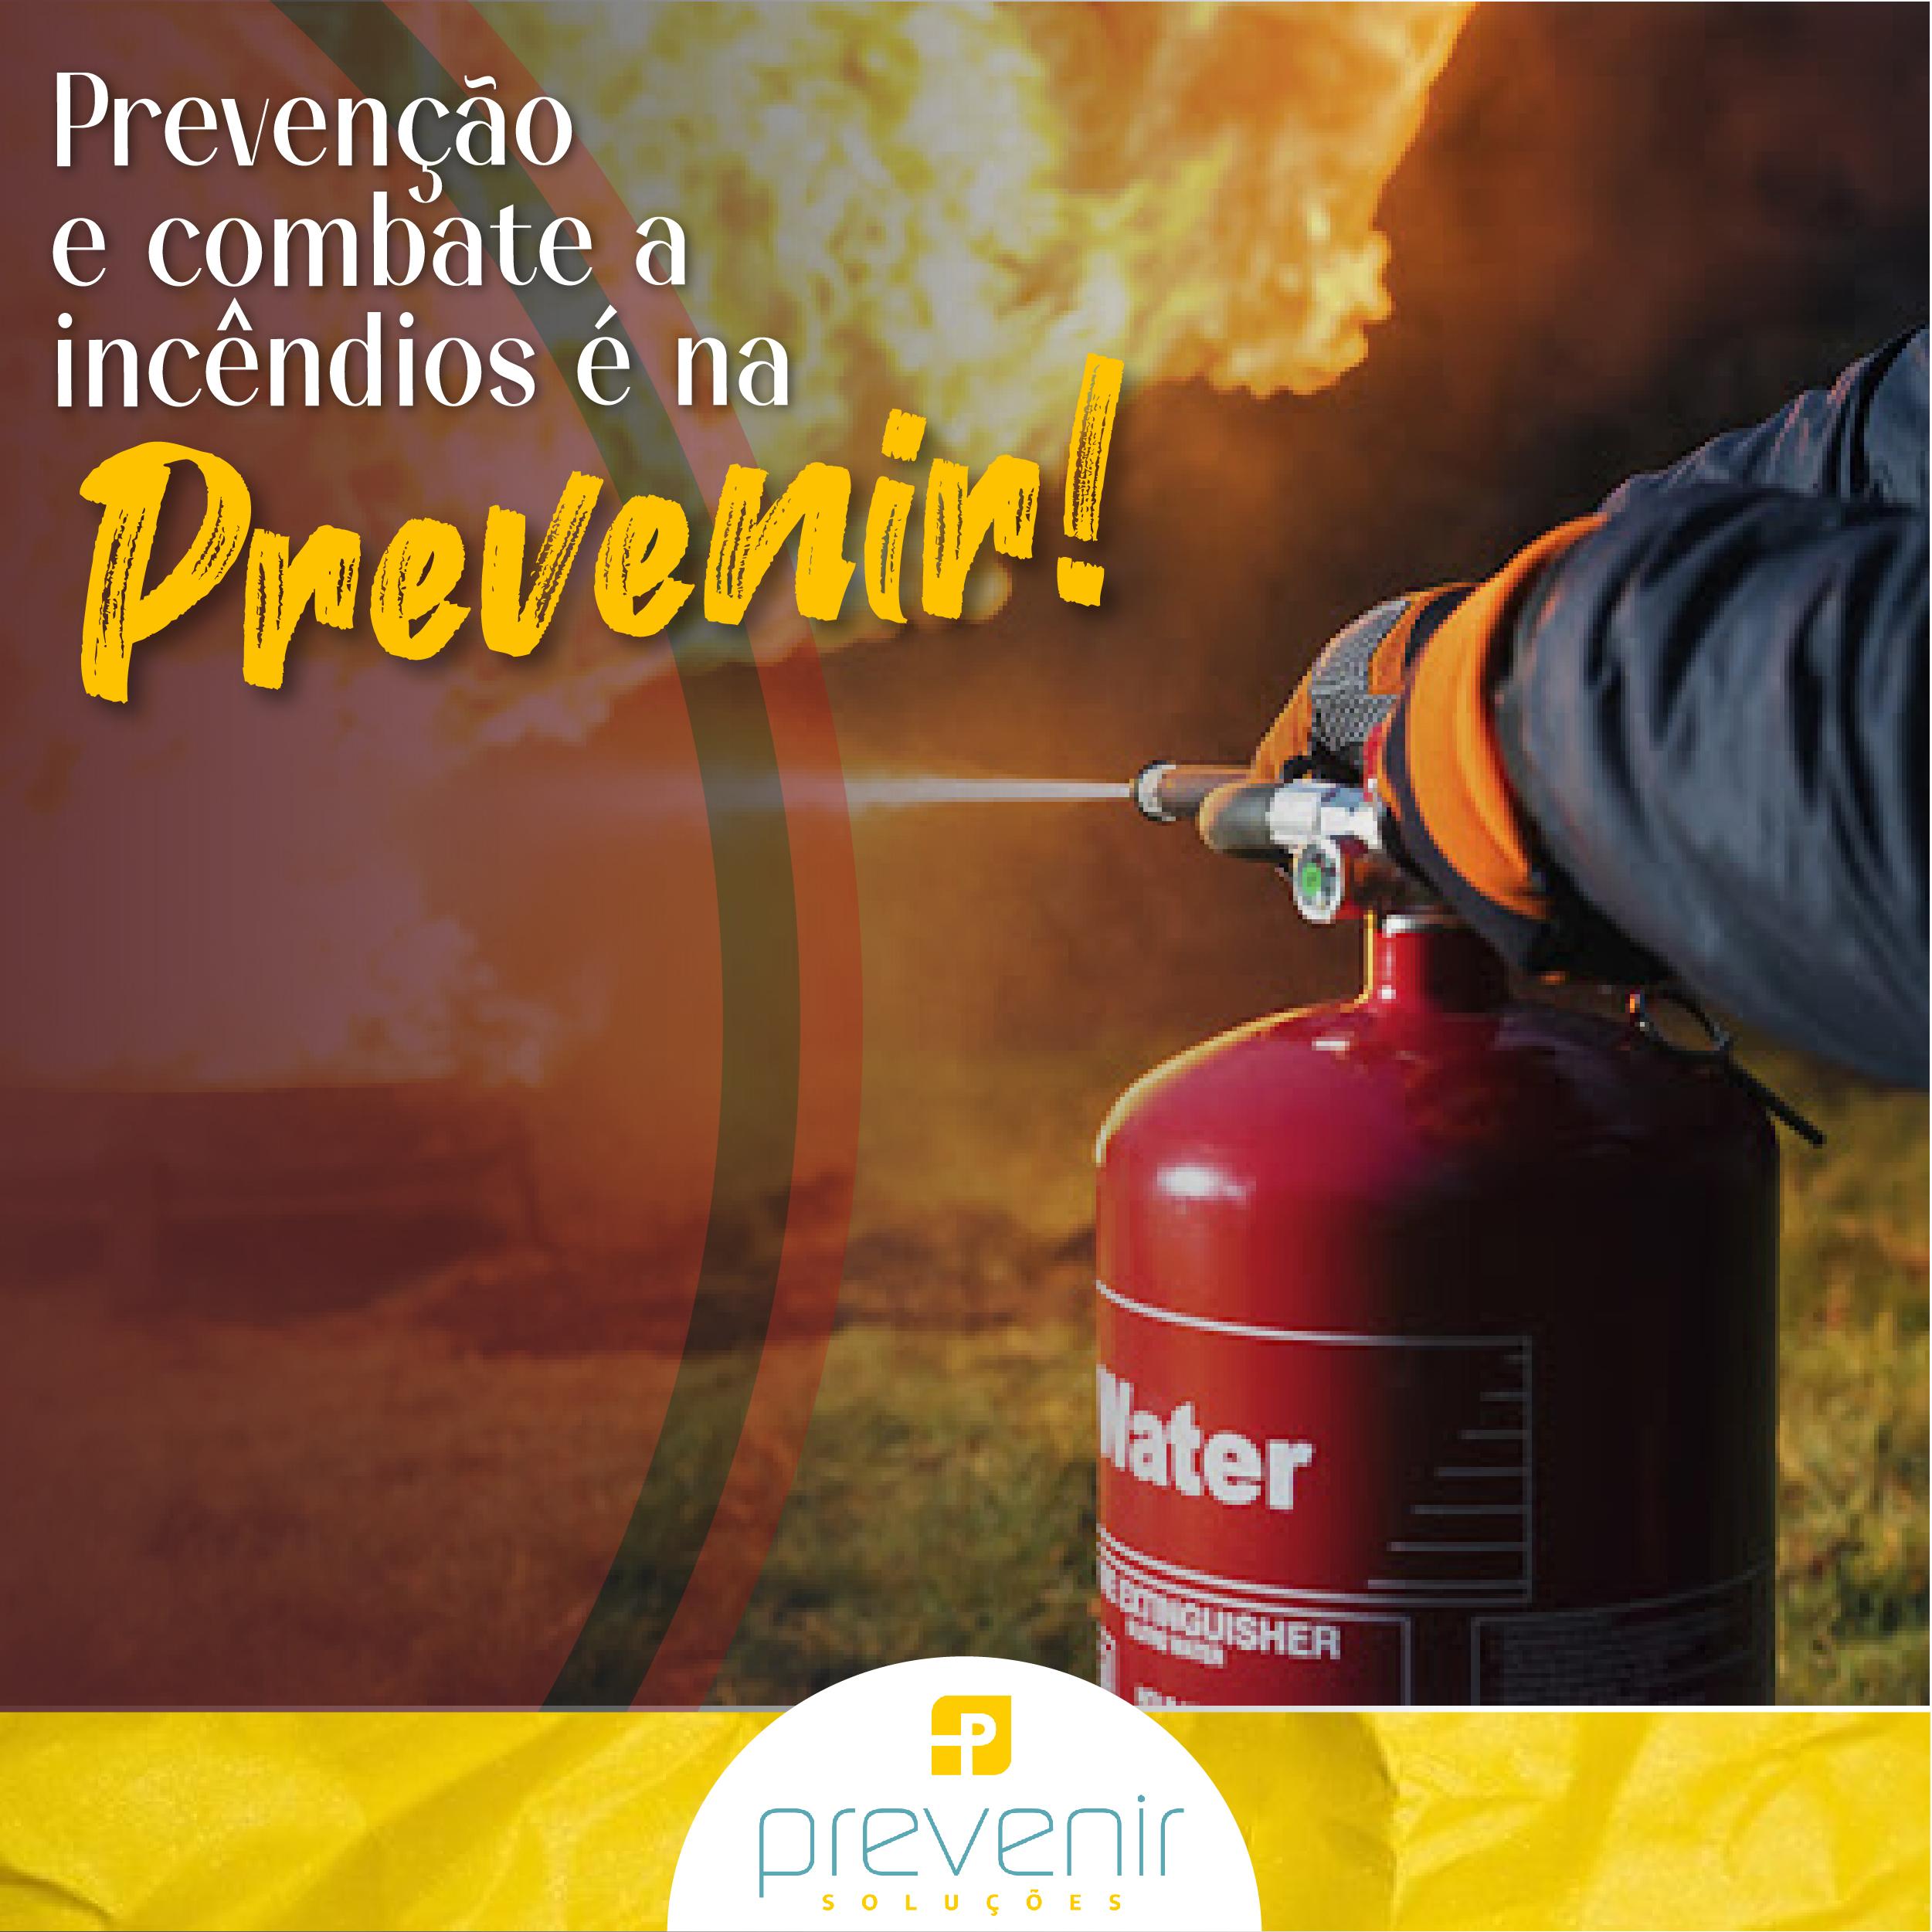 Prevenção e combate a incêndio é na Prevenir